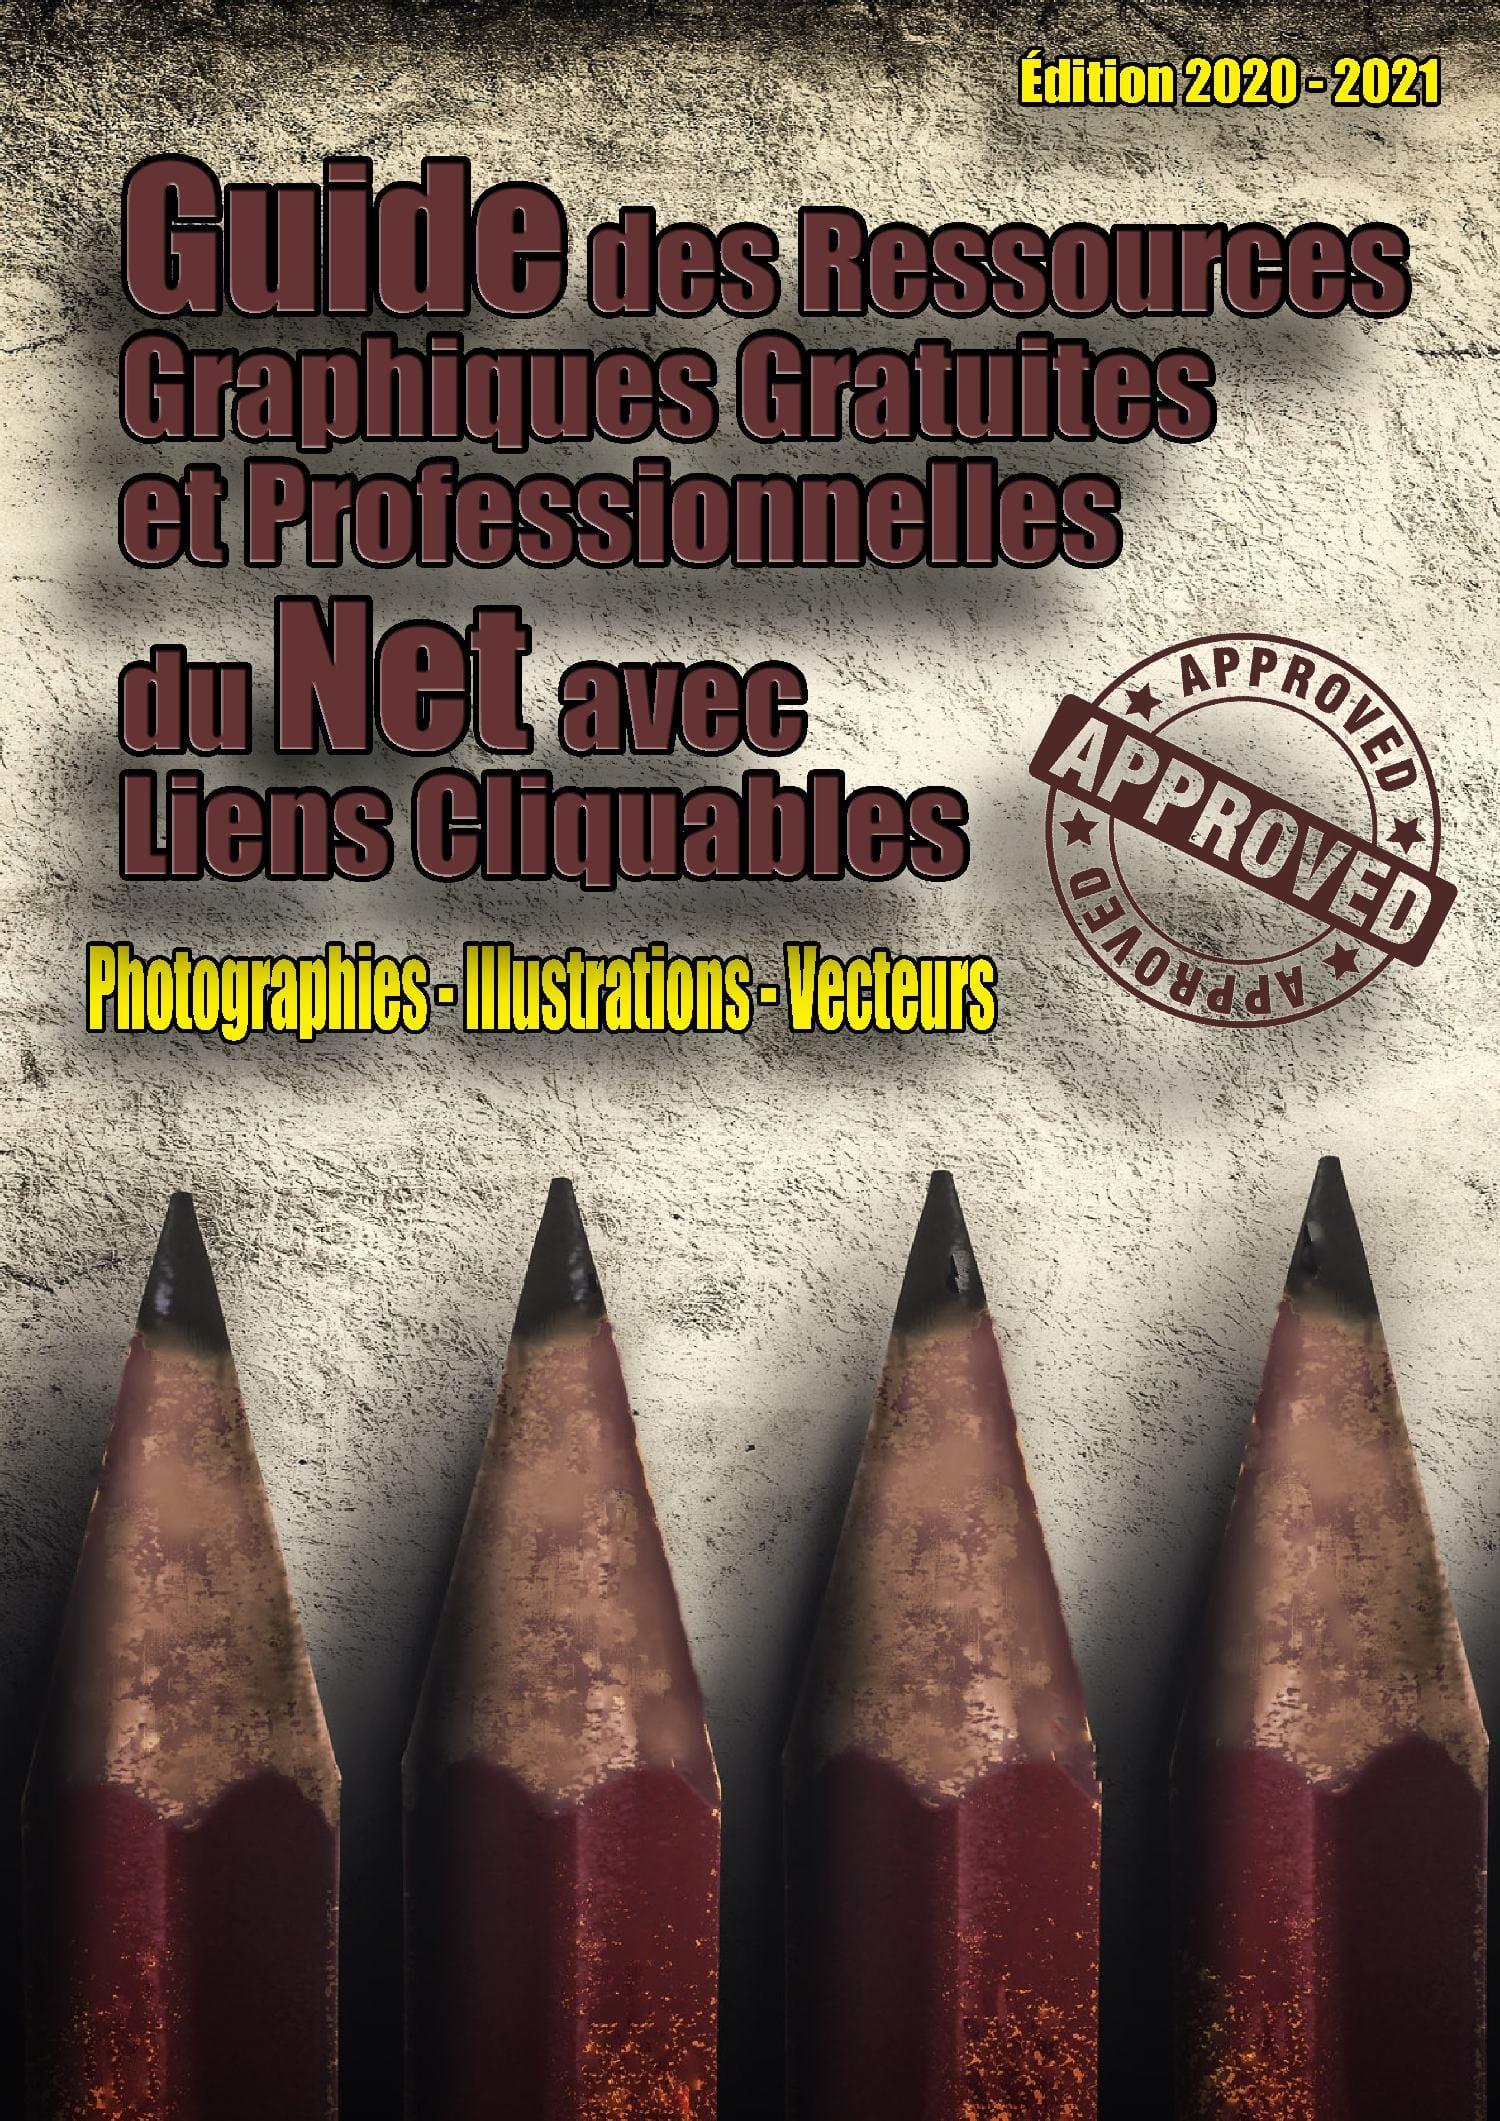 A PROMOUVOIR FACILEMENT DANS VOS MAILING : E-book Guide des Ressources Photographiques Gratuites et Professionnelles du Net pour 7 €